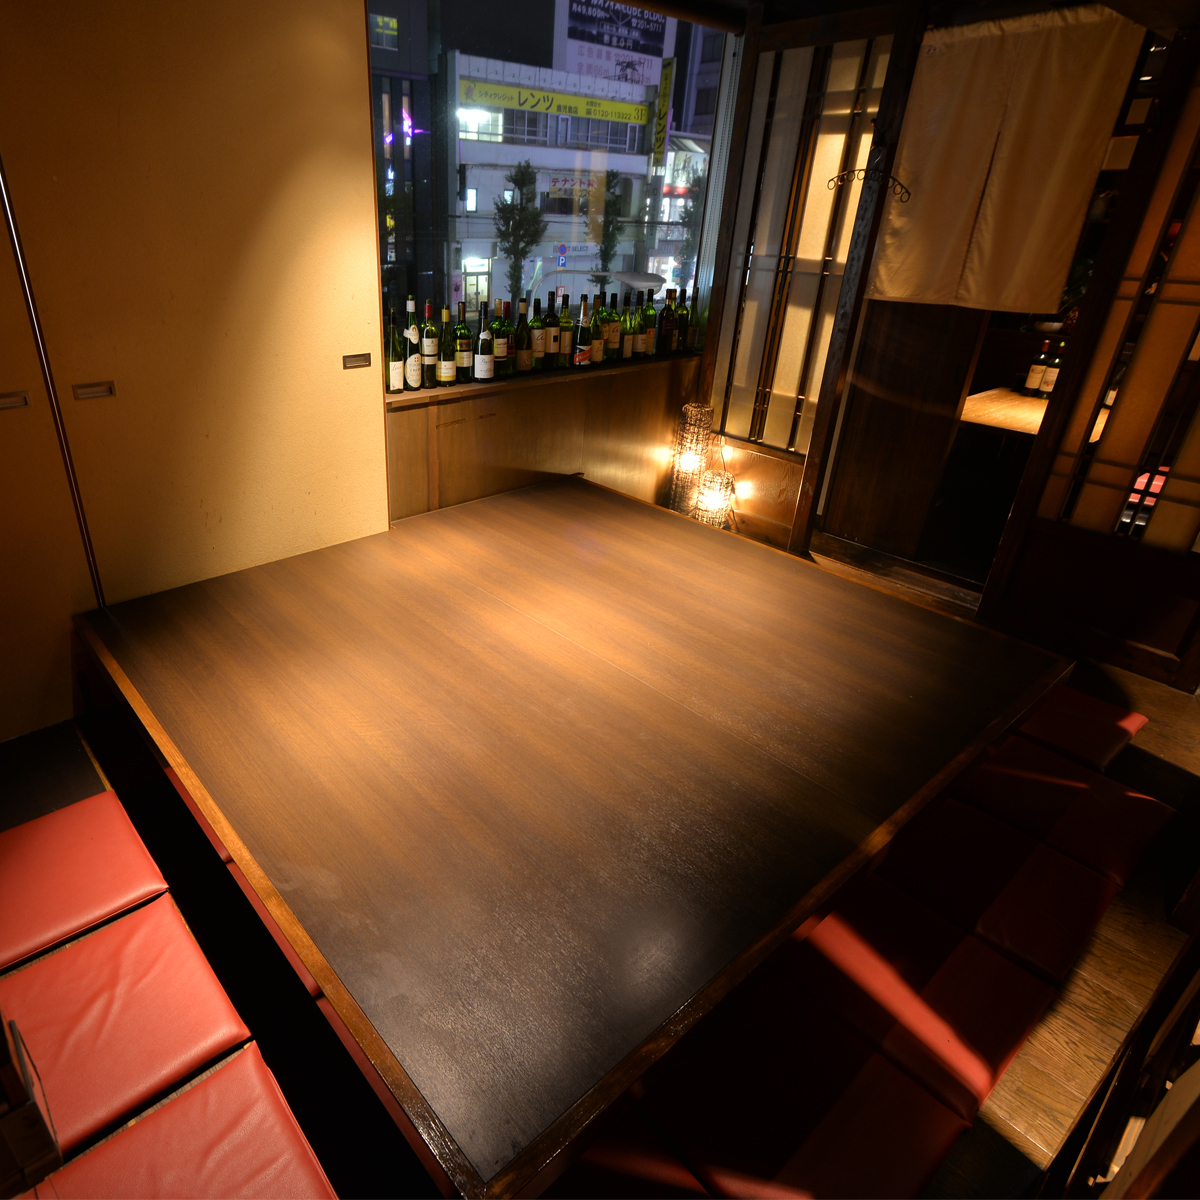 휴식 다다미 별실은 간접 조명 일본식 모던 아름다움 공간.차분한 조명과 일본식 공간이 기분 좋고, 소중한 사람과의 거리가 훨씬 가까워 질 것입니다.점은 2 명에서 최대 40 명까지 이용 가능.[천문관 · 주점 · 후퇴 · 개인 실 · 향토 요리]